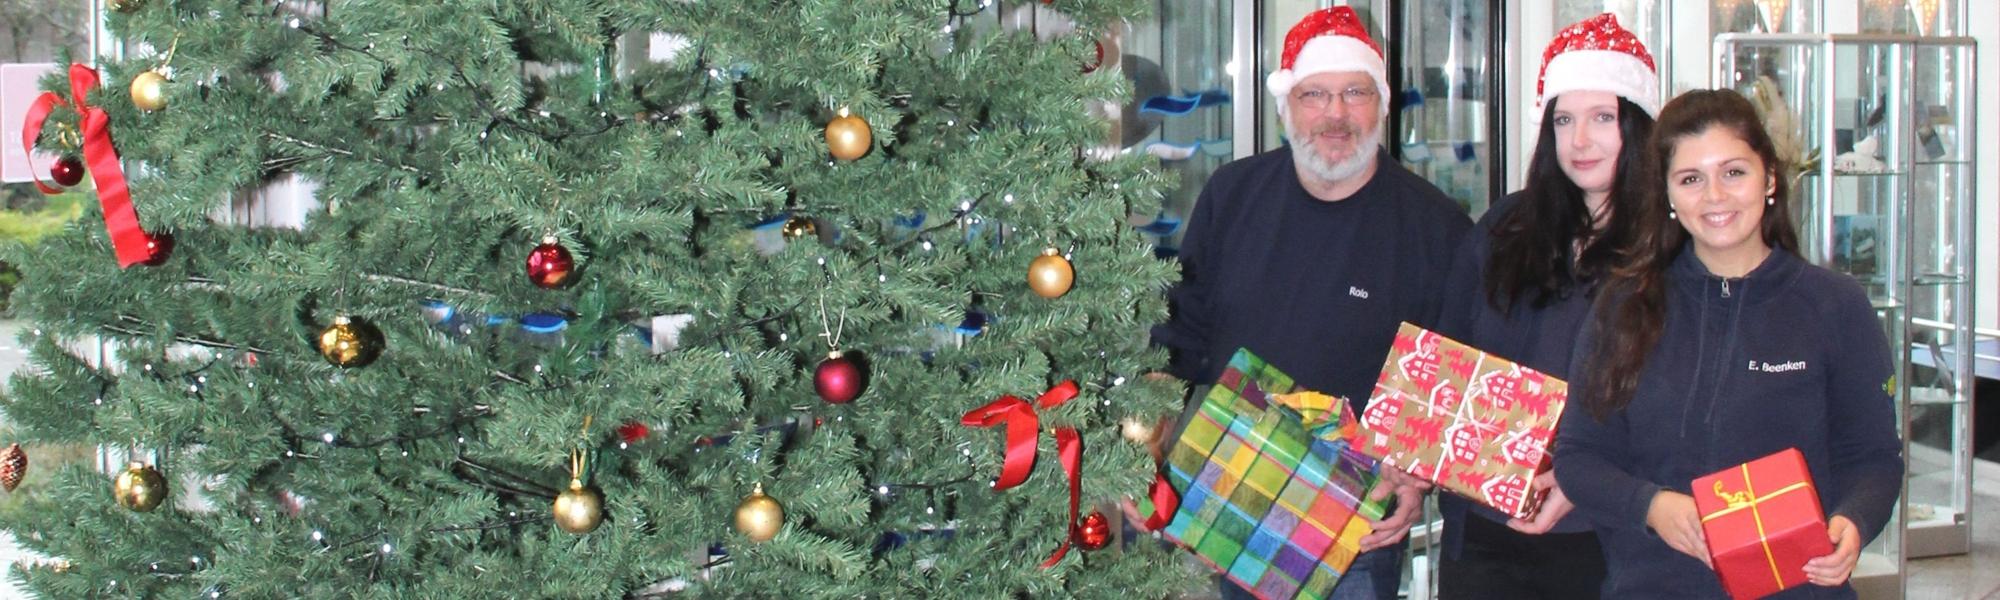 Weihnachtsprogramm Leuchttürmchen-Club Neuharlingersiel